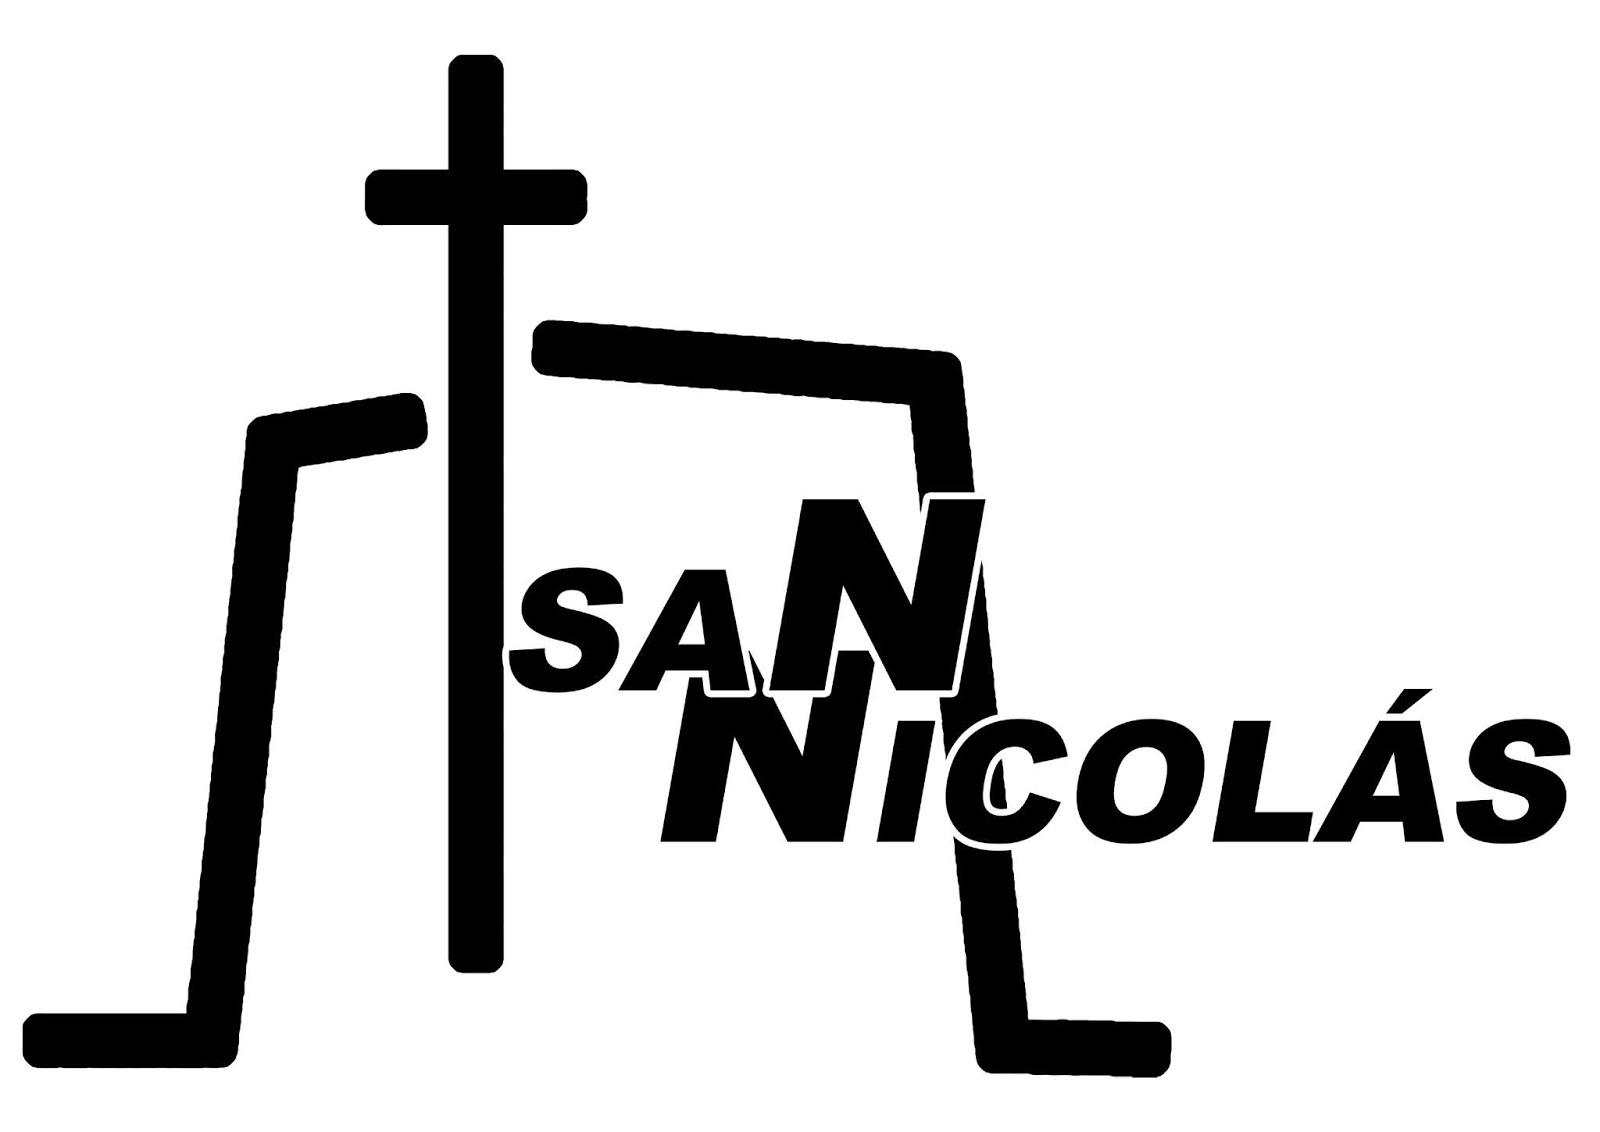 Sant Nicolau De Bari Parroquia De San Nicolas Del Grao Y